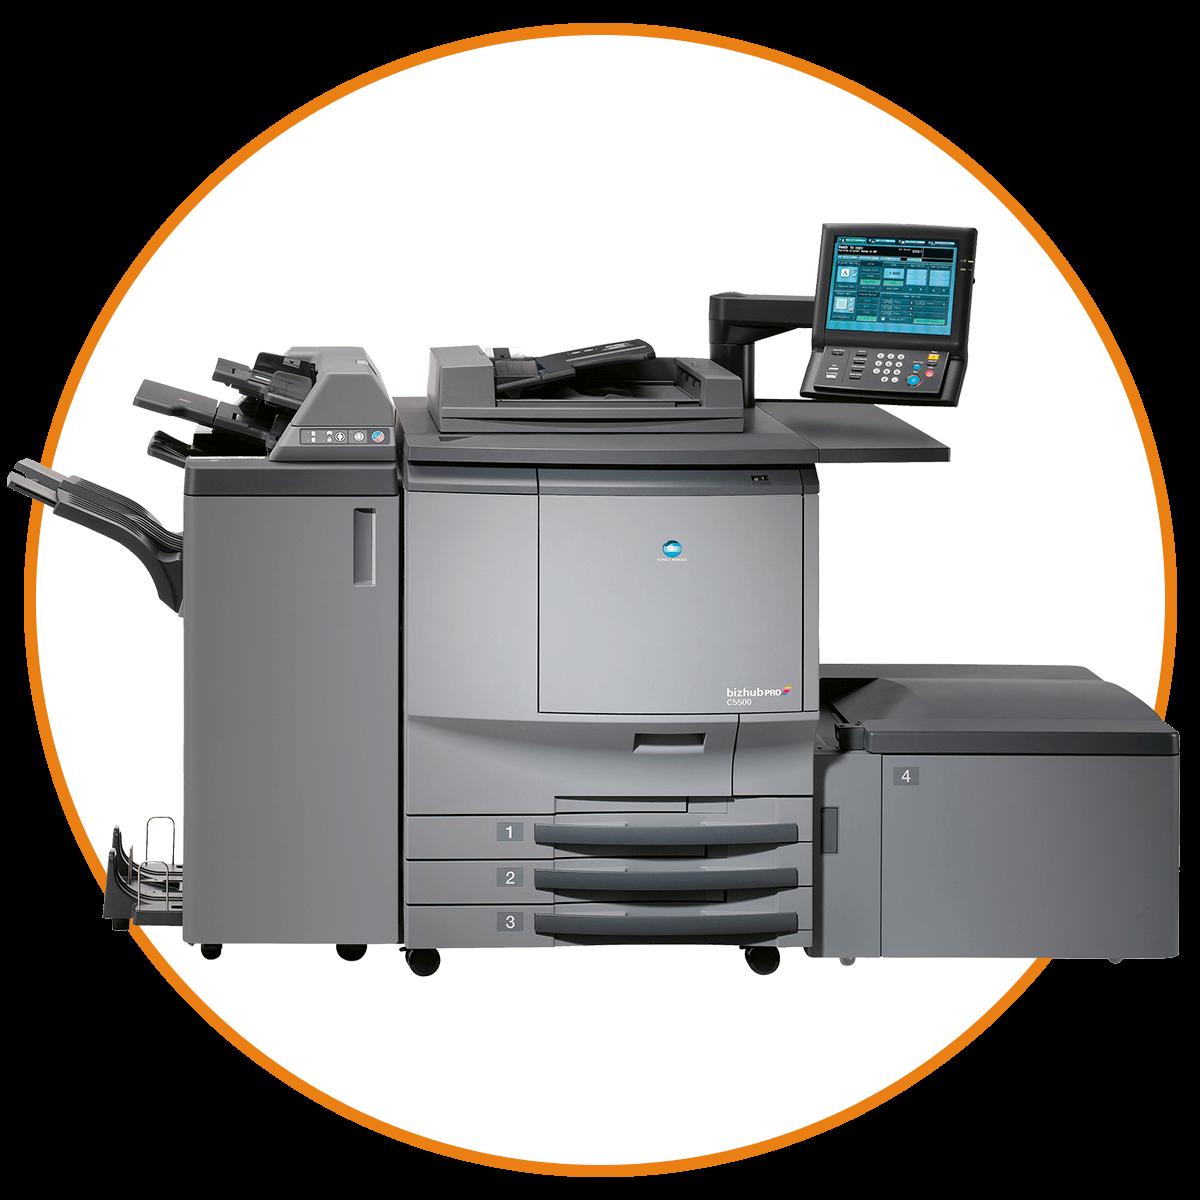 """Fotocopias - Trabajamos diversos tamaños de fotocopias a Color desde .25 centavos y BW desde .08 centavos por hoja.8.5"""" x 11"""", 14'': Color / BW11"""" × 17"""": Color / BW"""